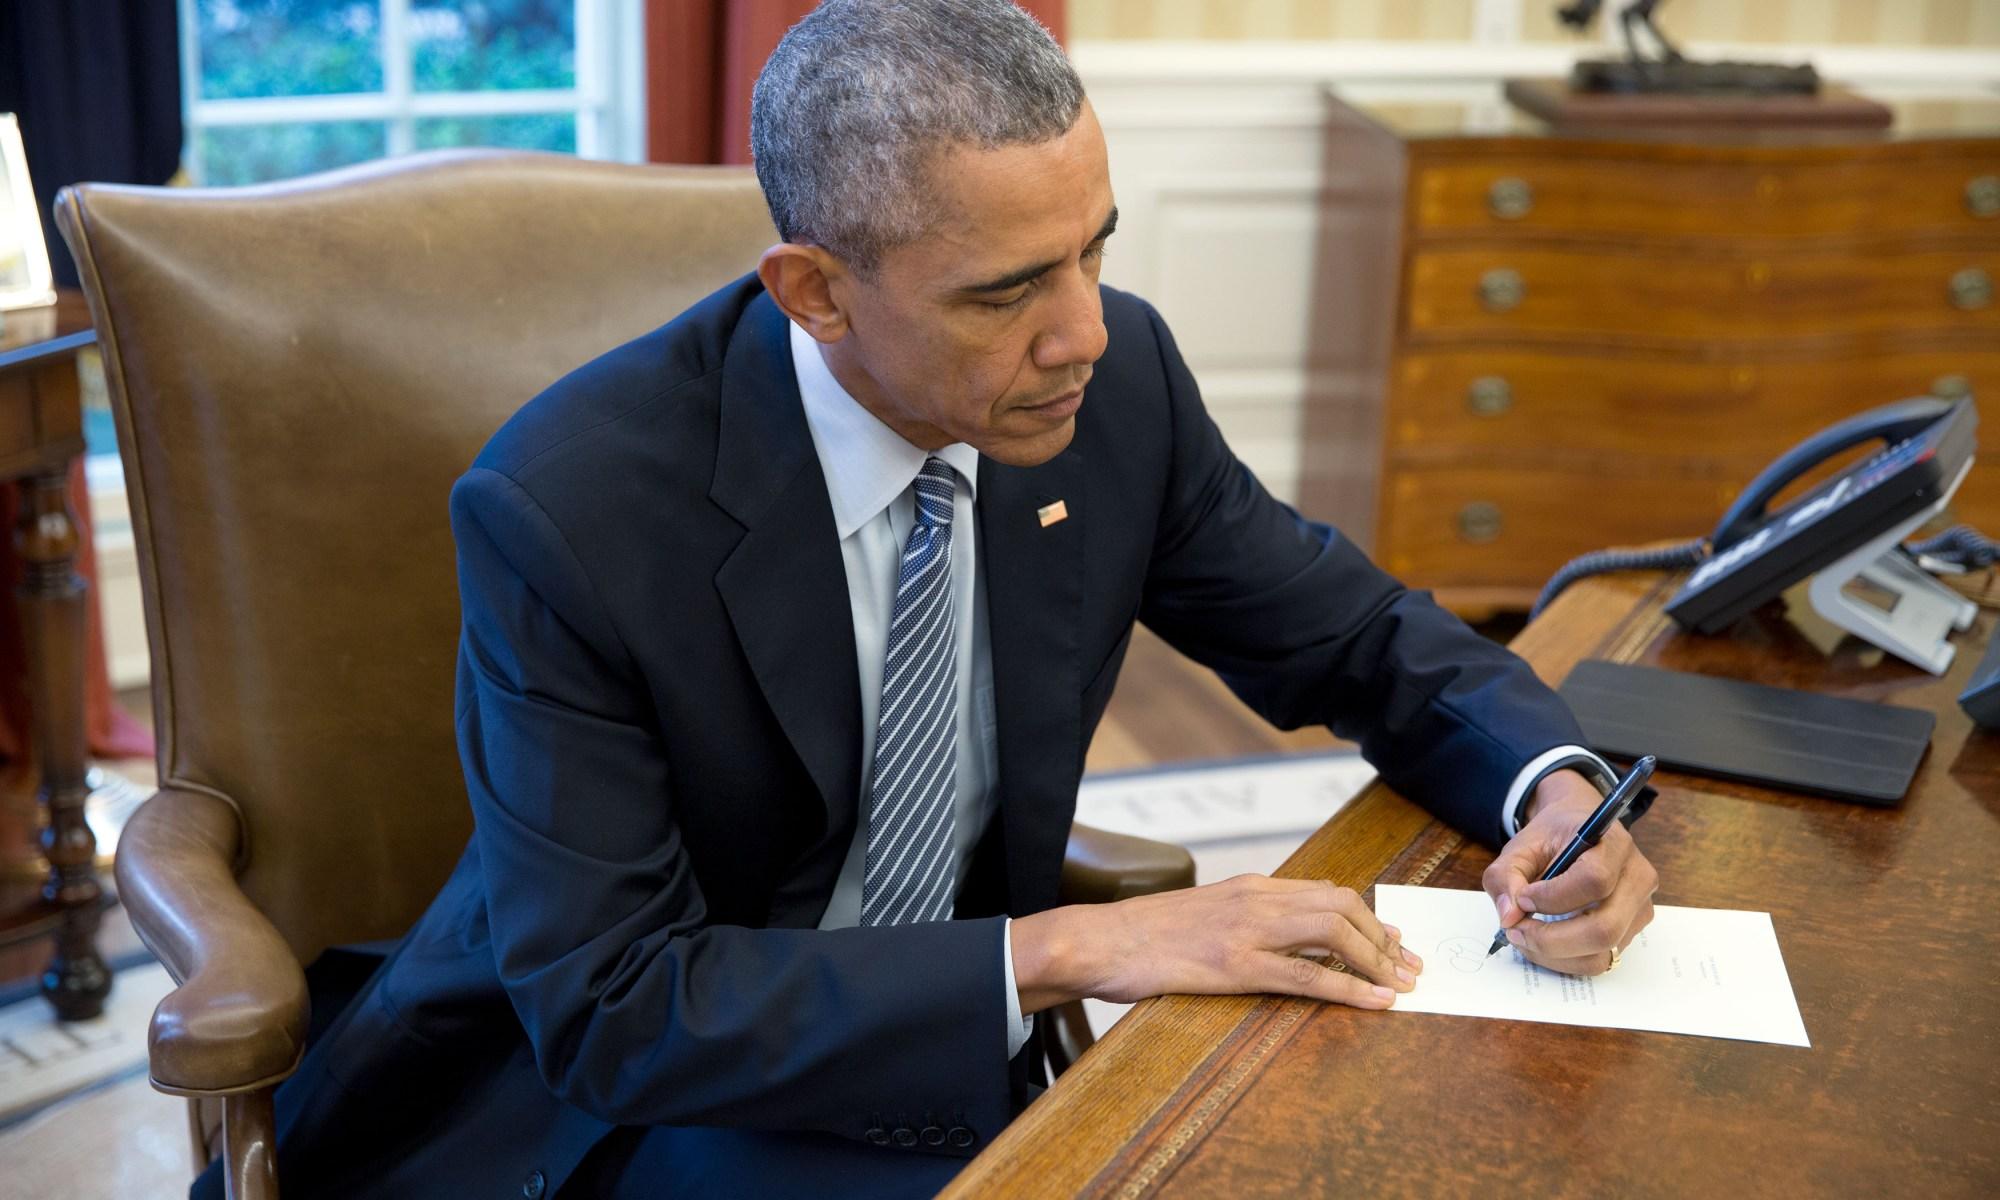 Obama publica artículo en el Harvard Law Review sobre reforma al sistema de justicia criminal